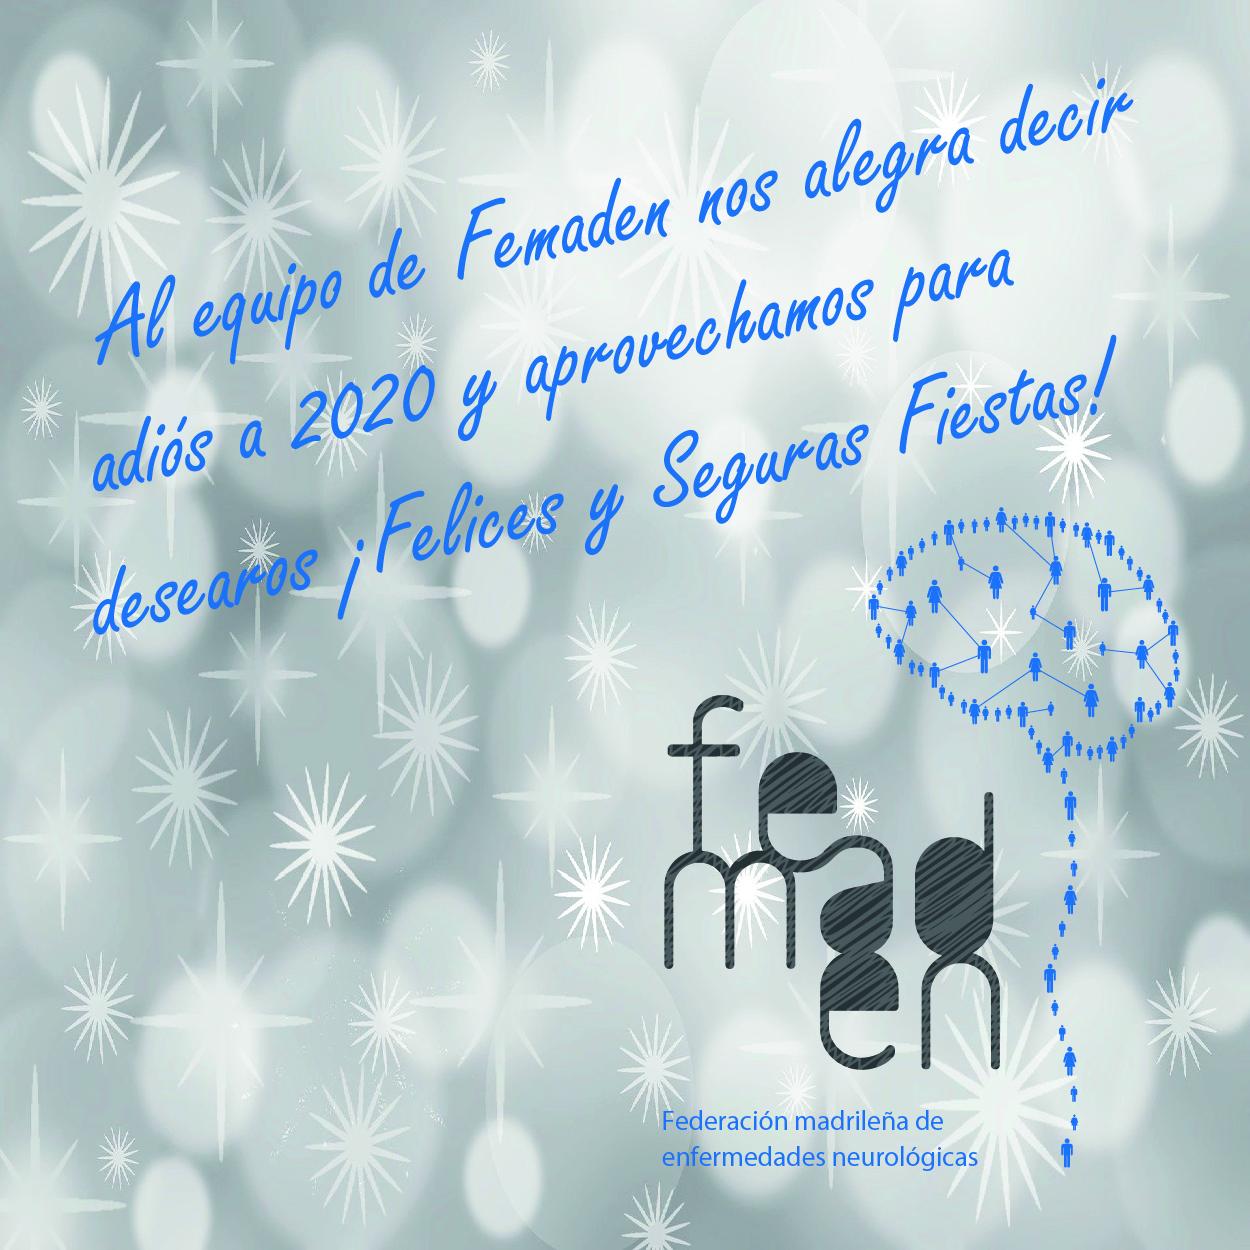 Felicitacion Navidad Femaden 2020